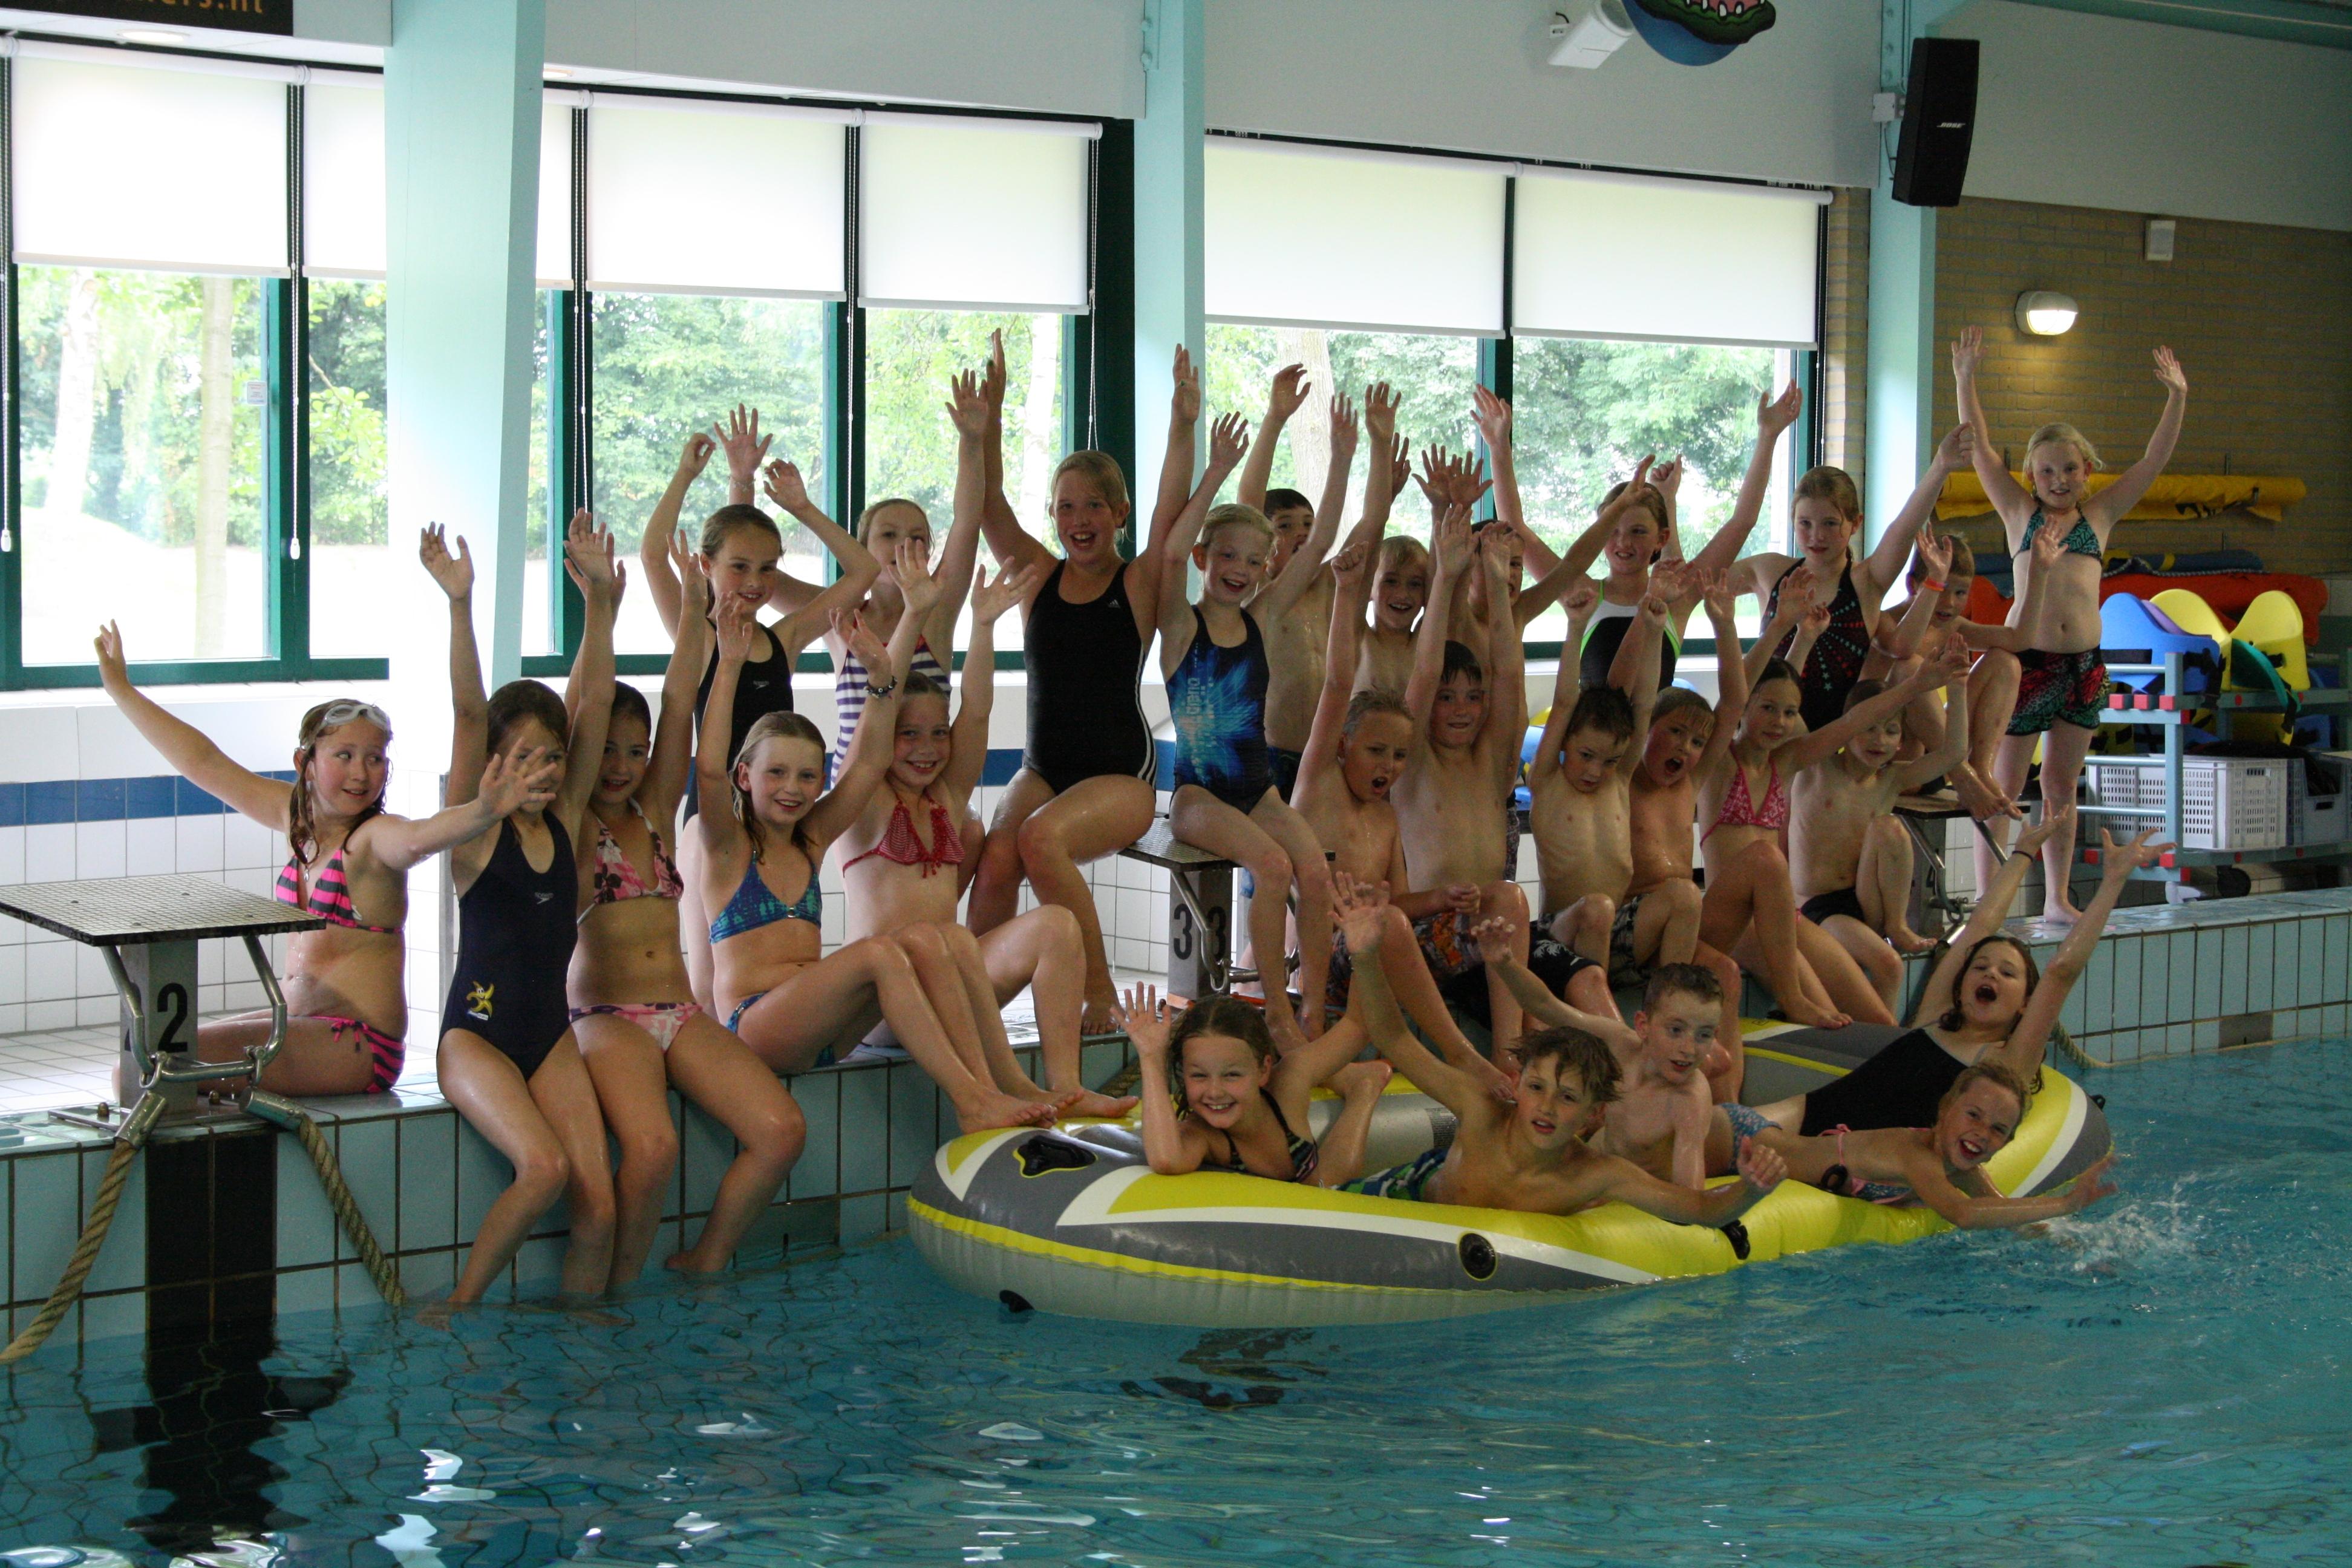 Zwembad Rhienderoord viert zilveren jubileum